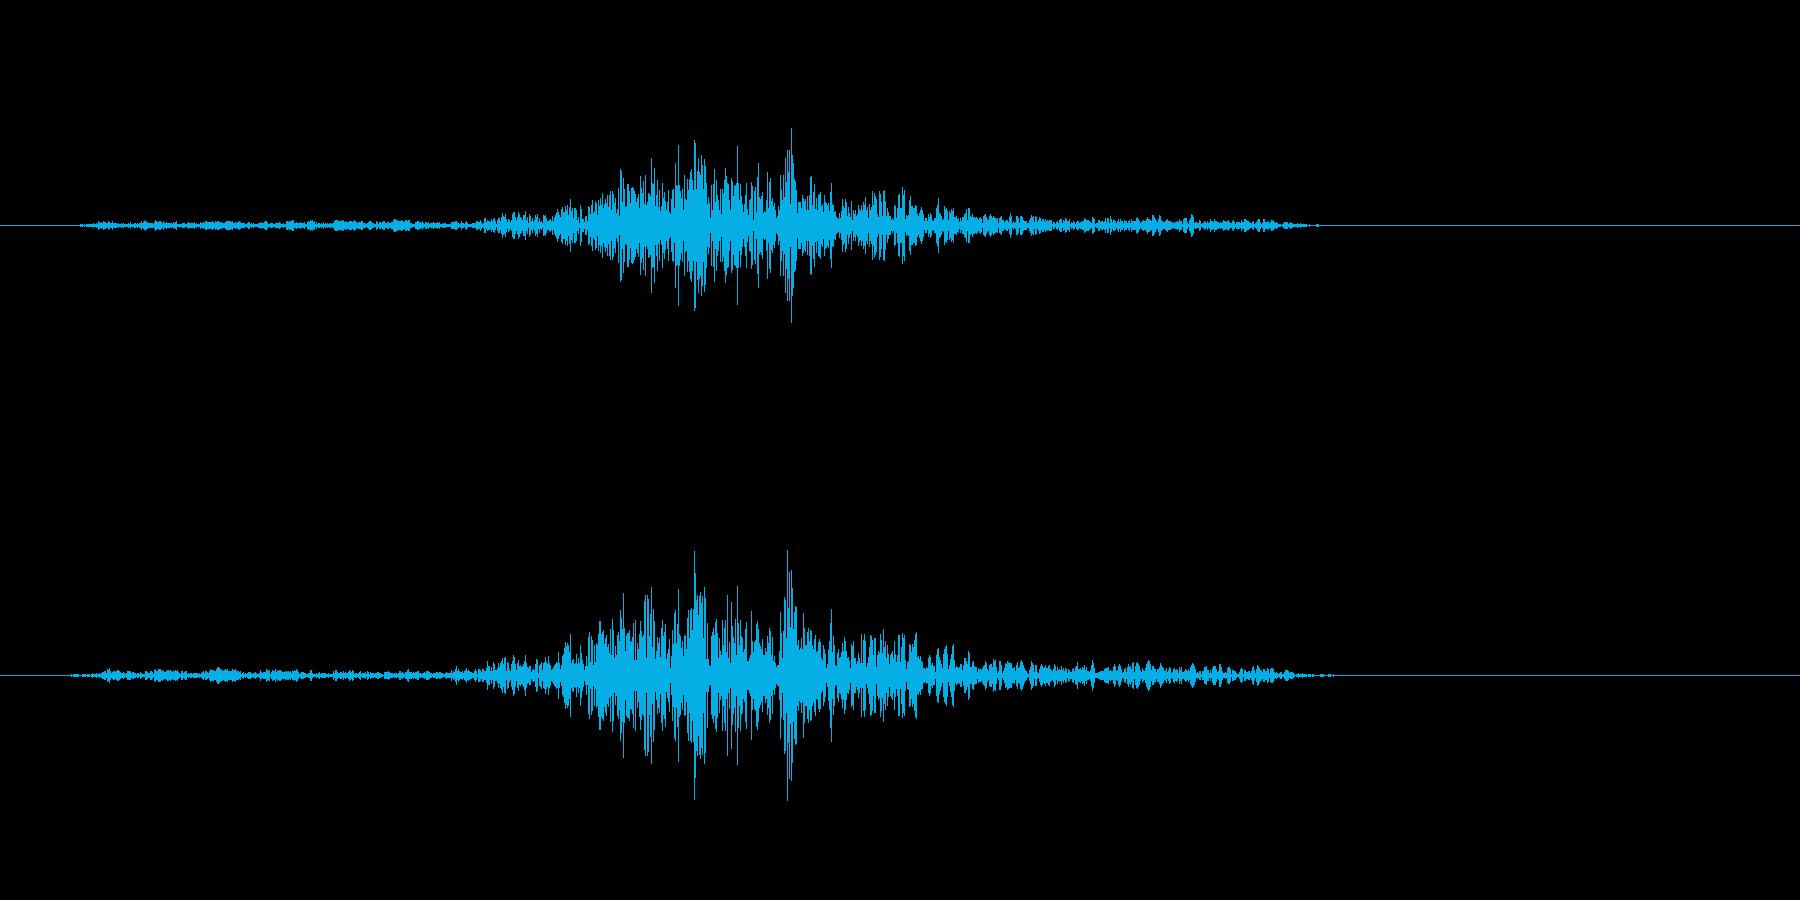 シュッと言うような字を書く音の再生済みの波形